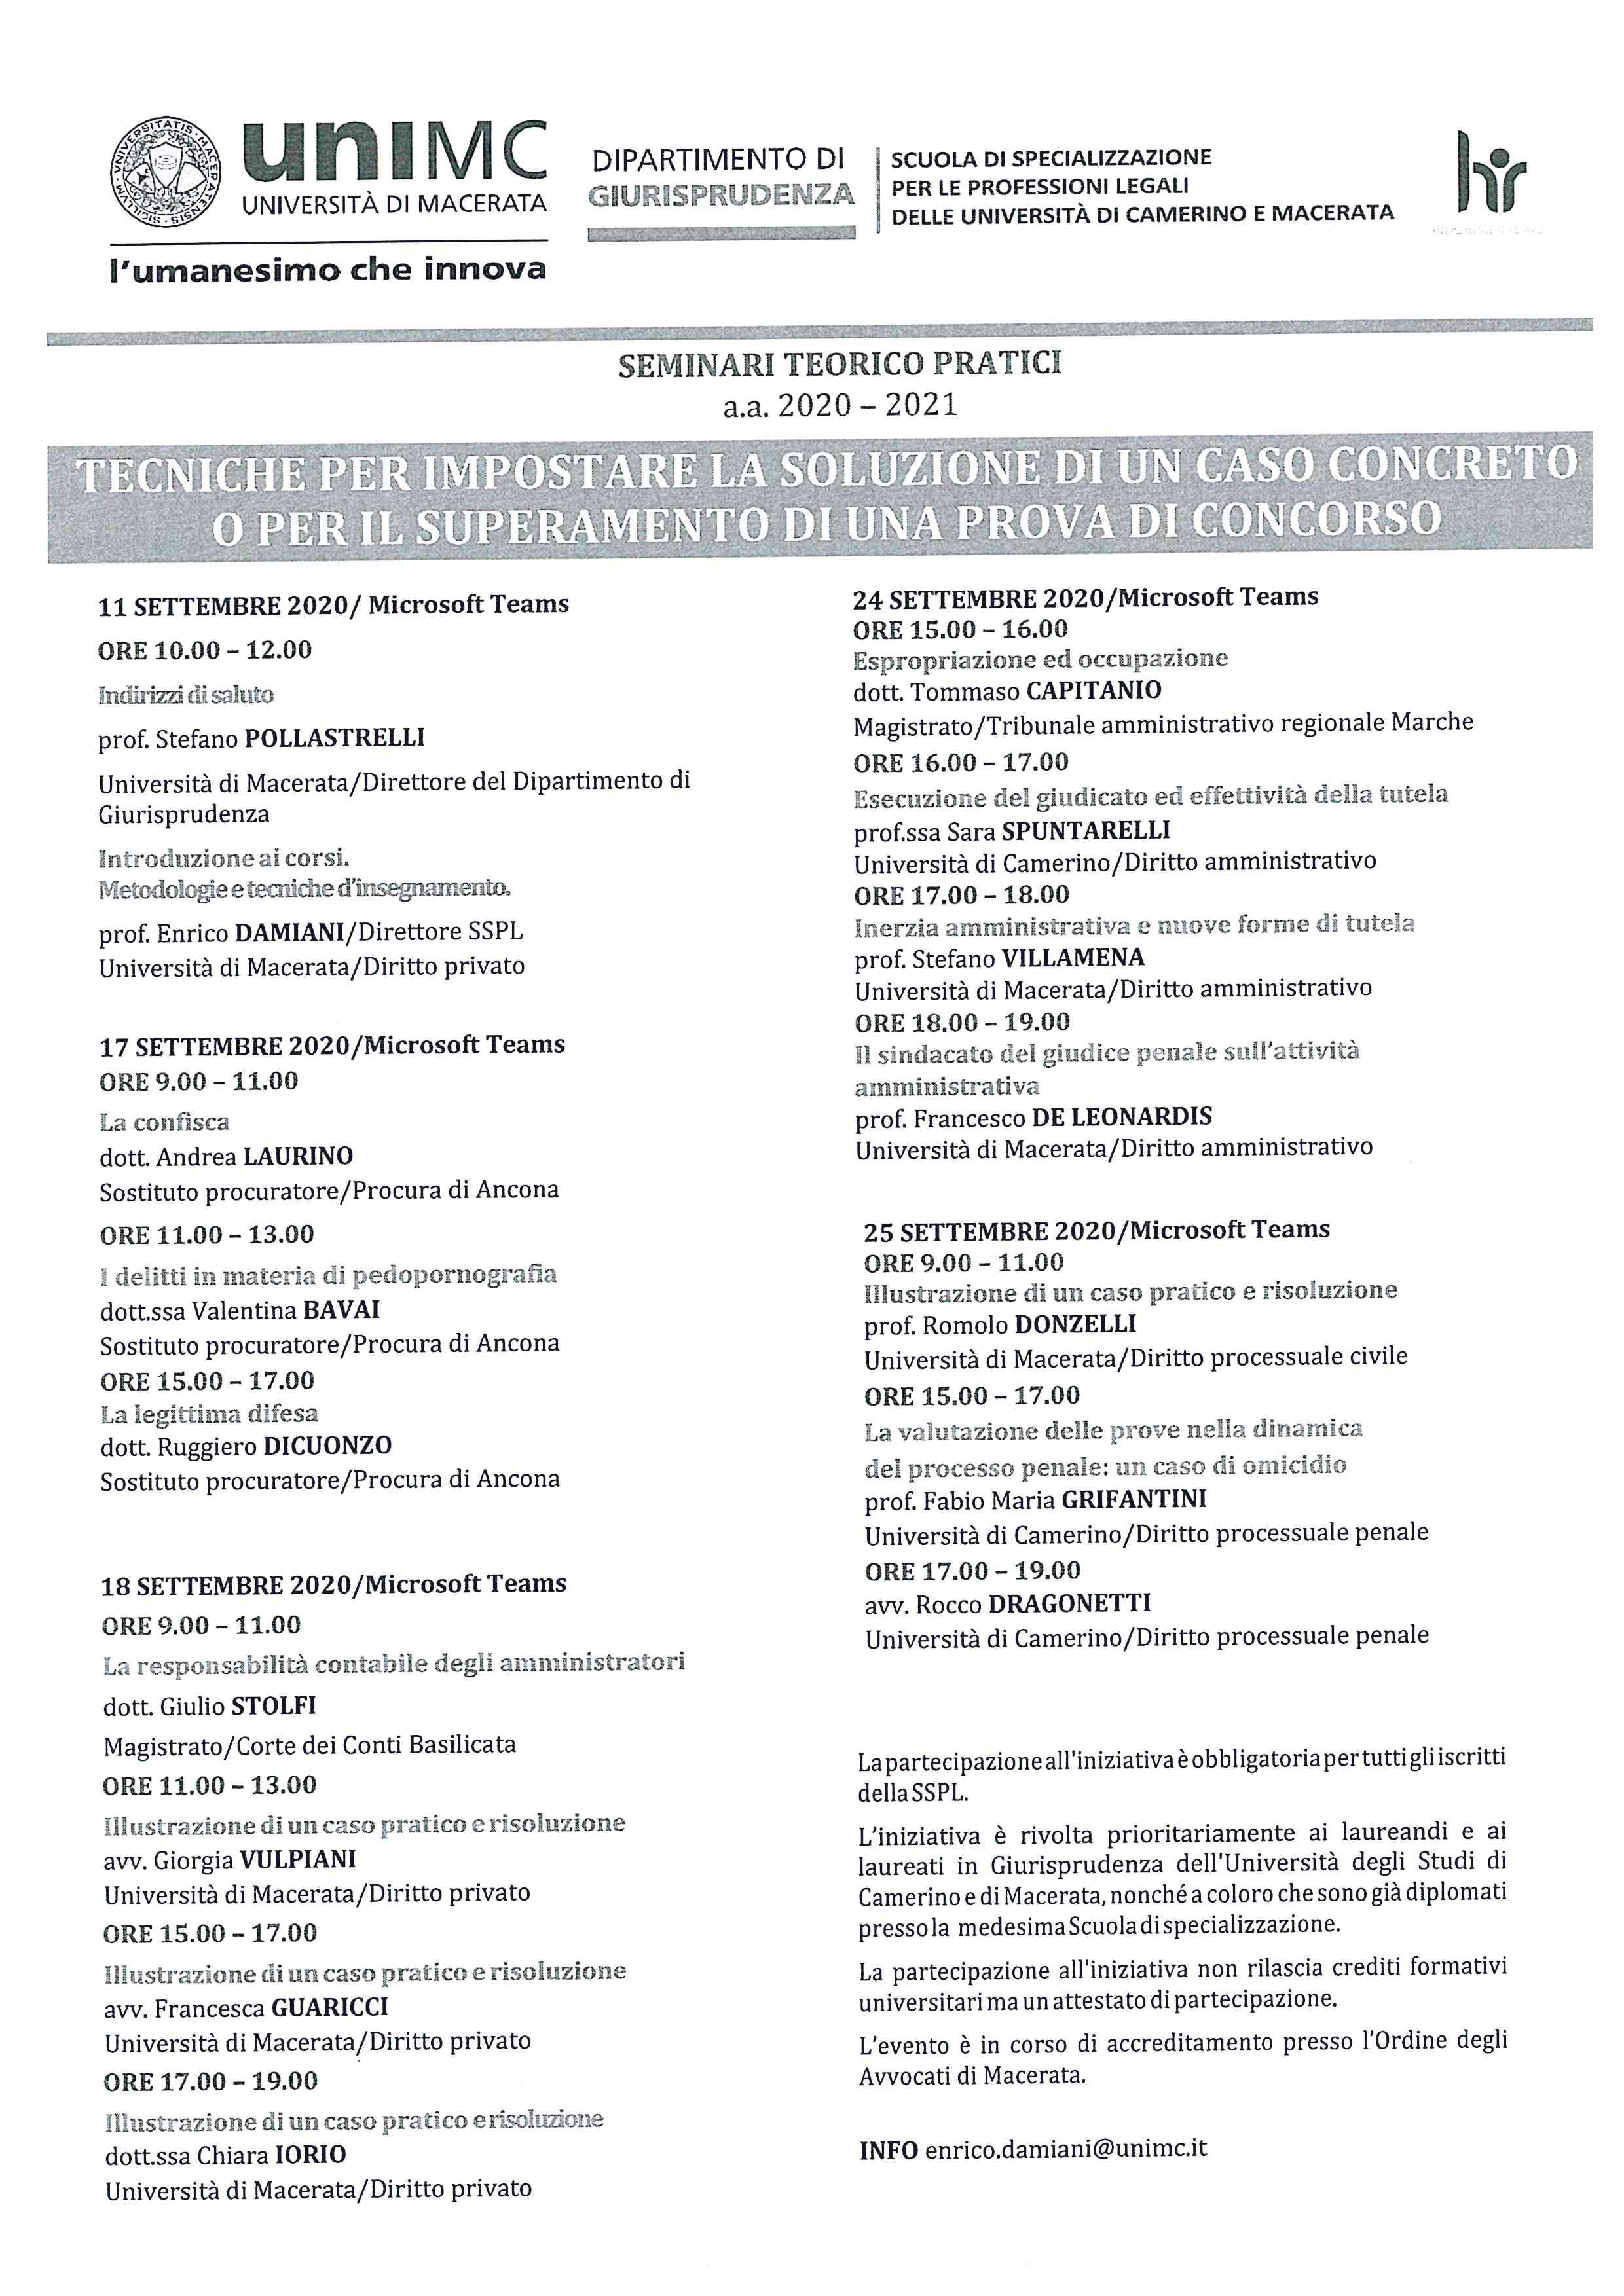 Seminari teorico - pratici a.a. 2019-2020 - inizio 11 settembre 2020